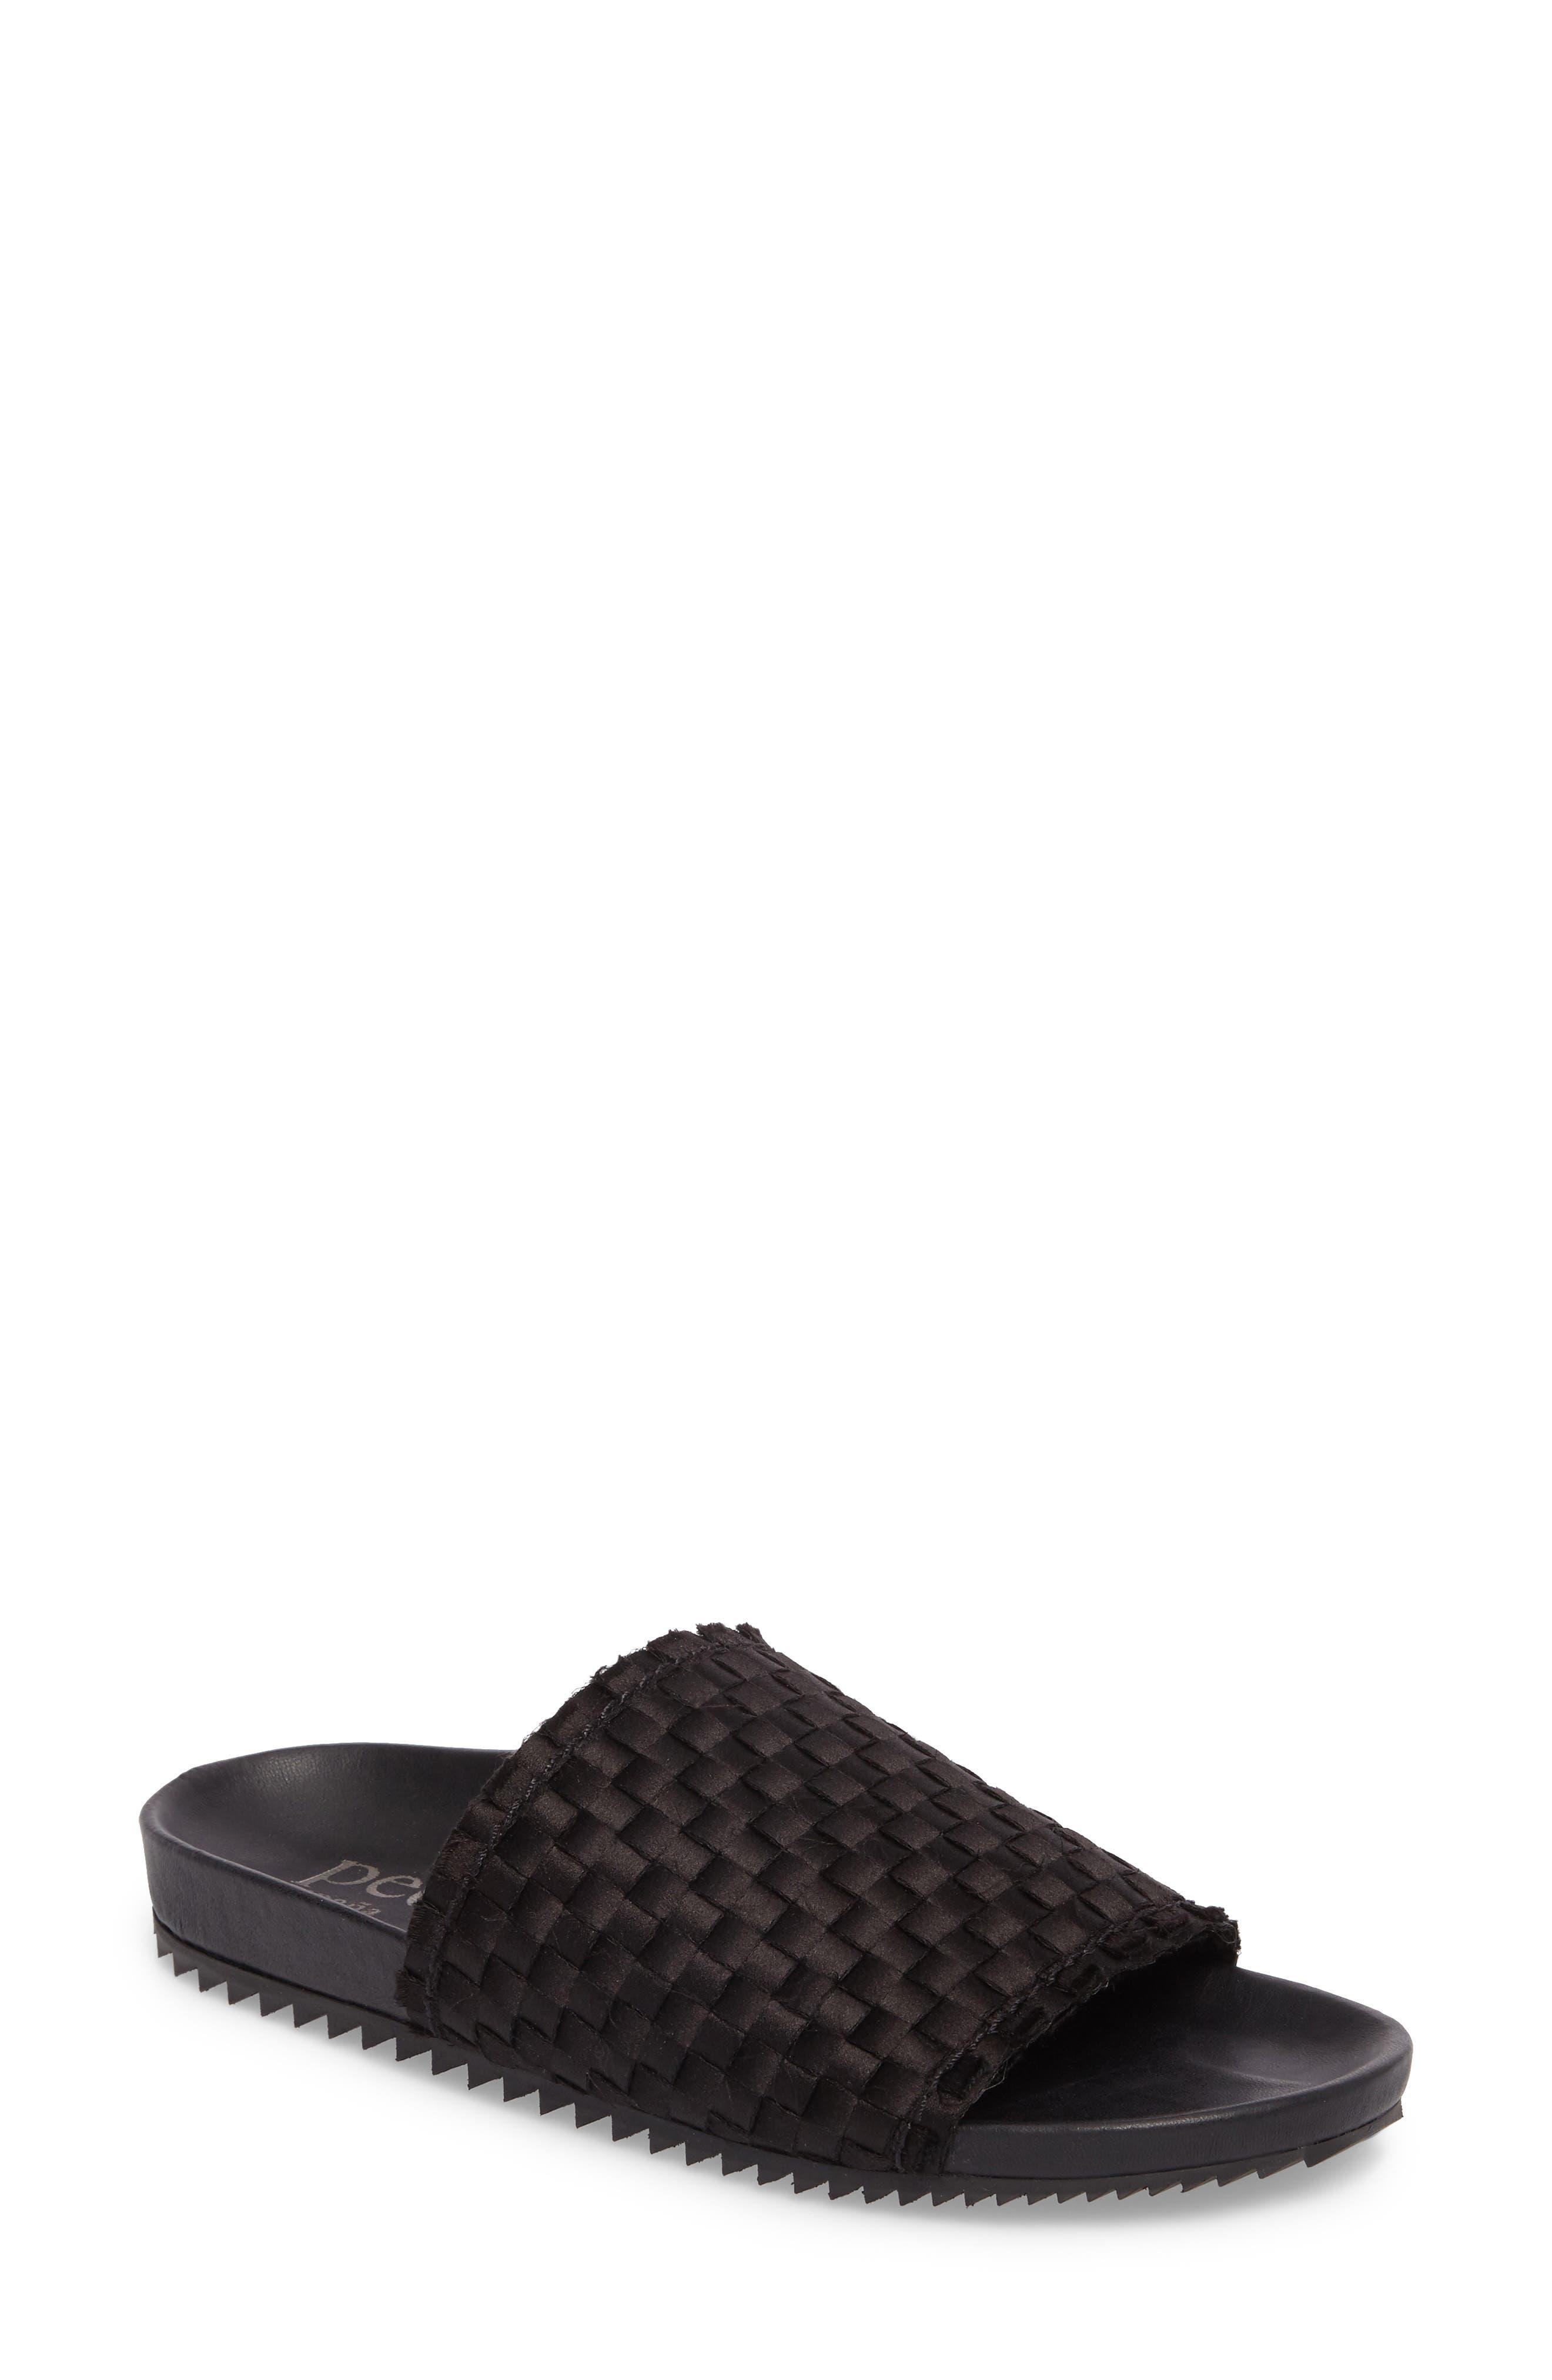 Aila Woven Slide Sandal,                         Main,                         color,